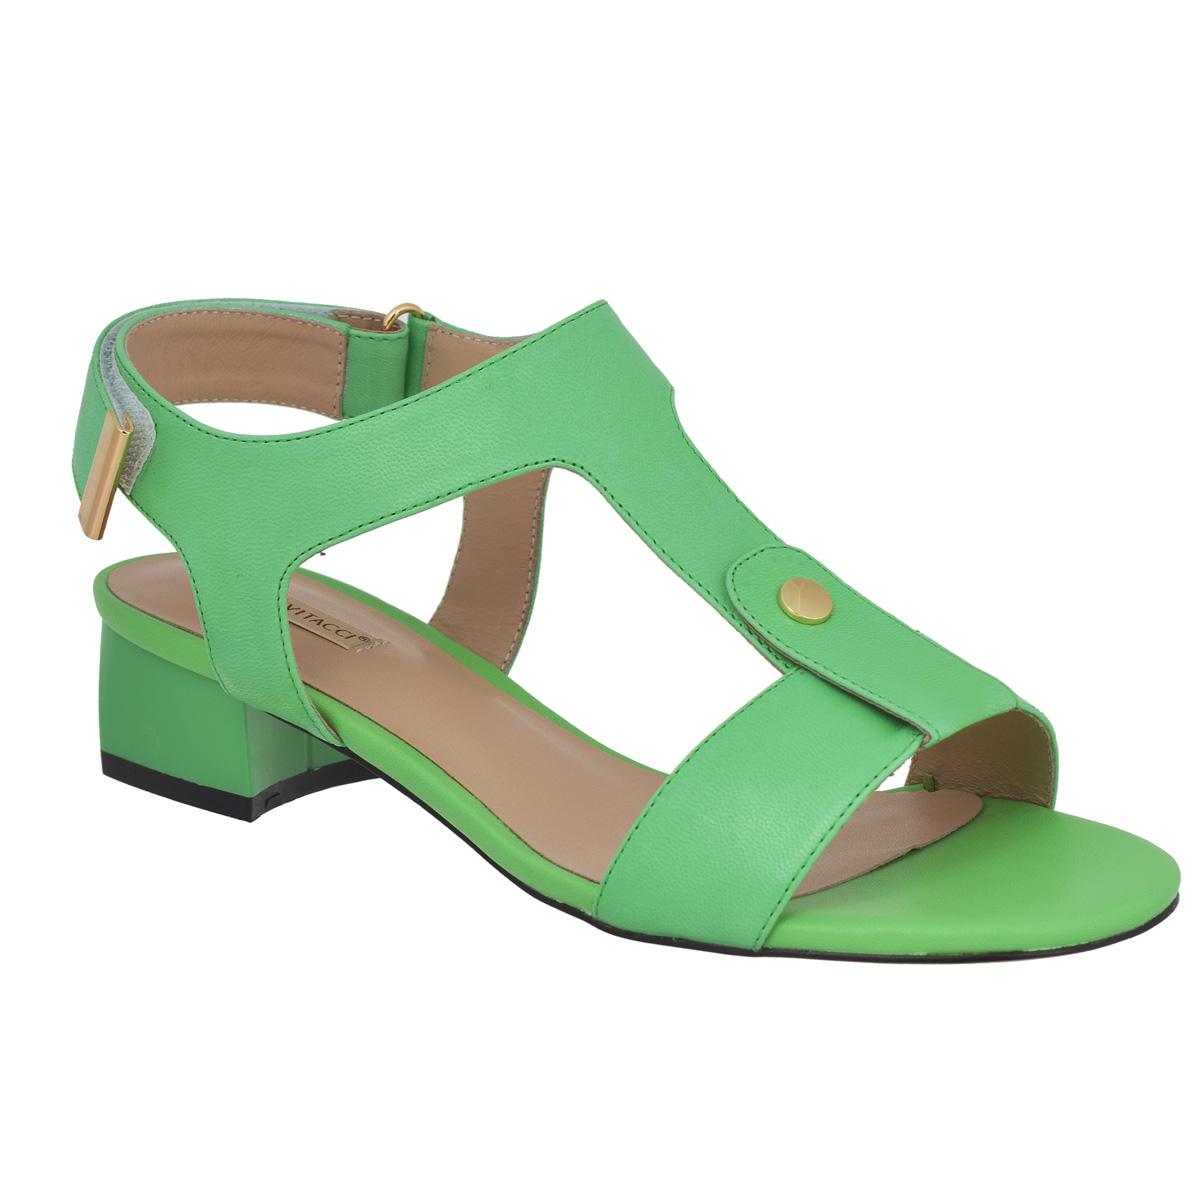 Босоножки. 50137501374Стильные босоножки Vitacci займут достойное место среди вашей коллекции обуви. Изделие изготовлено из натуральной кожи и исполнено в лаконичном стиле. Фиксирующие ремешки надежно закрепят модель на вашей ноге. Ремешок, расположенный на подъеме, дополнен небольшой металлической пластиной круглой формы. Ремешок с застежкой-липучкой оформлен на конце металлической вставкой. Стелька из натуральной кожи позволяет ногам дышать. Умеренной высоты каблук устойчив. Подошва с рифлением обеспечивает идеальное сцепление с любой поверхностью. Модные босоножки прекрасно дополнят ваш образ.